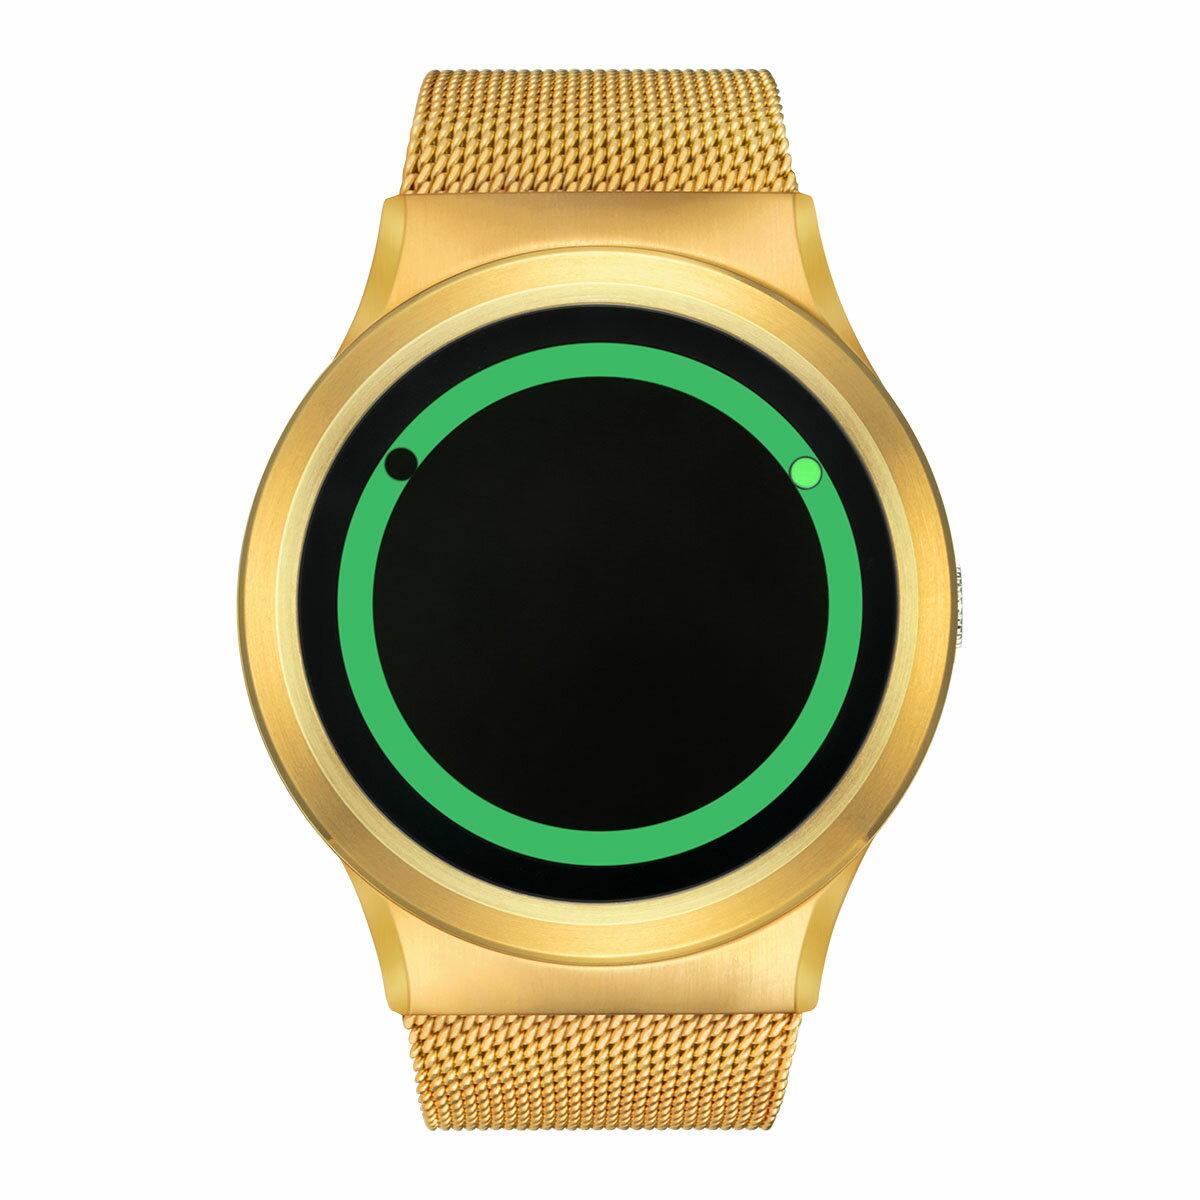 ZEROO PLANET ECLIPSE ゼロ 電池式クォーツ 腕時計 [W13028B04SM04] グリーン デザインウォッチ ペア用 メンズ レディース ユニセックス おしゃれ時計 デザイナーズ